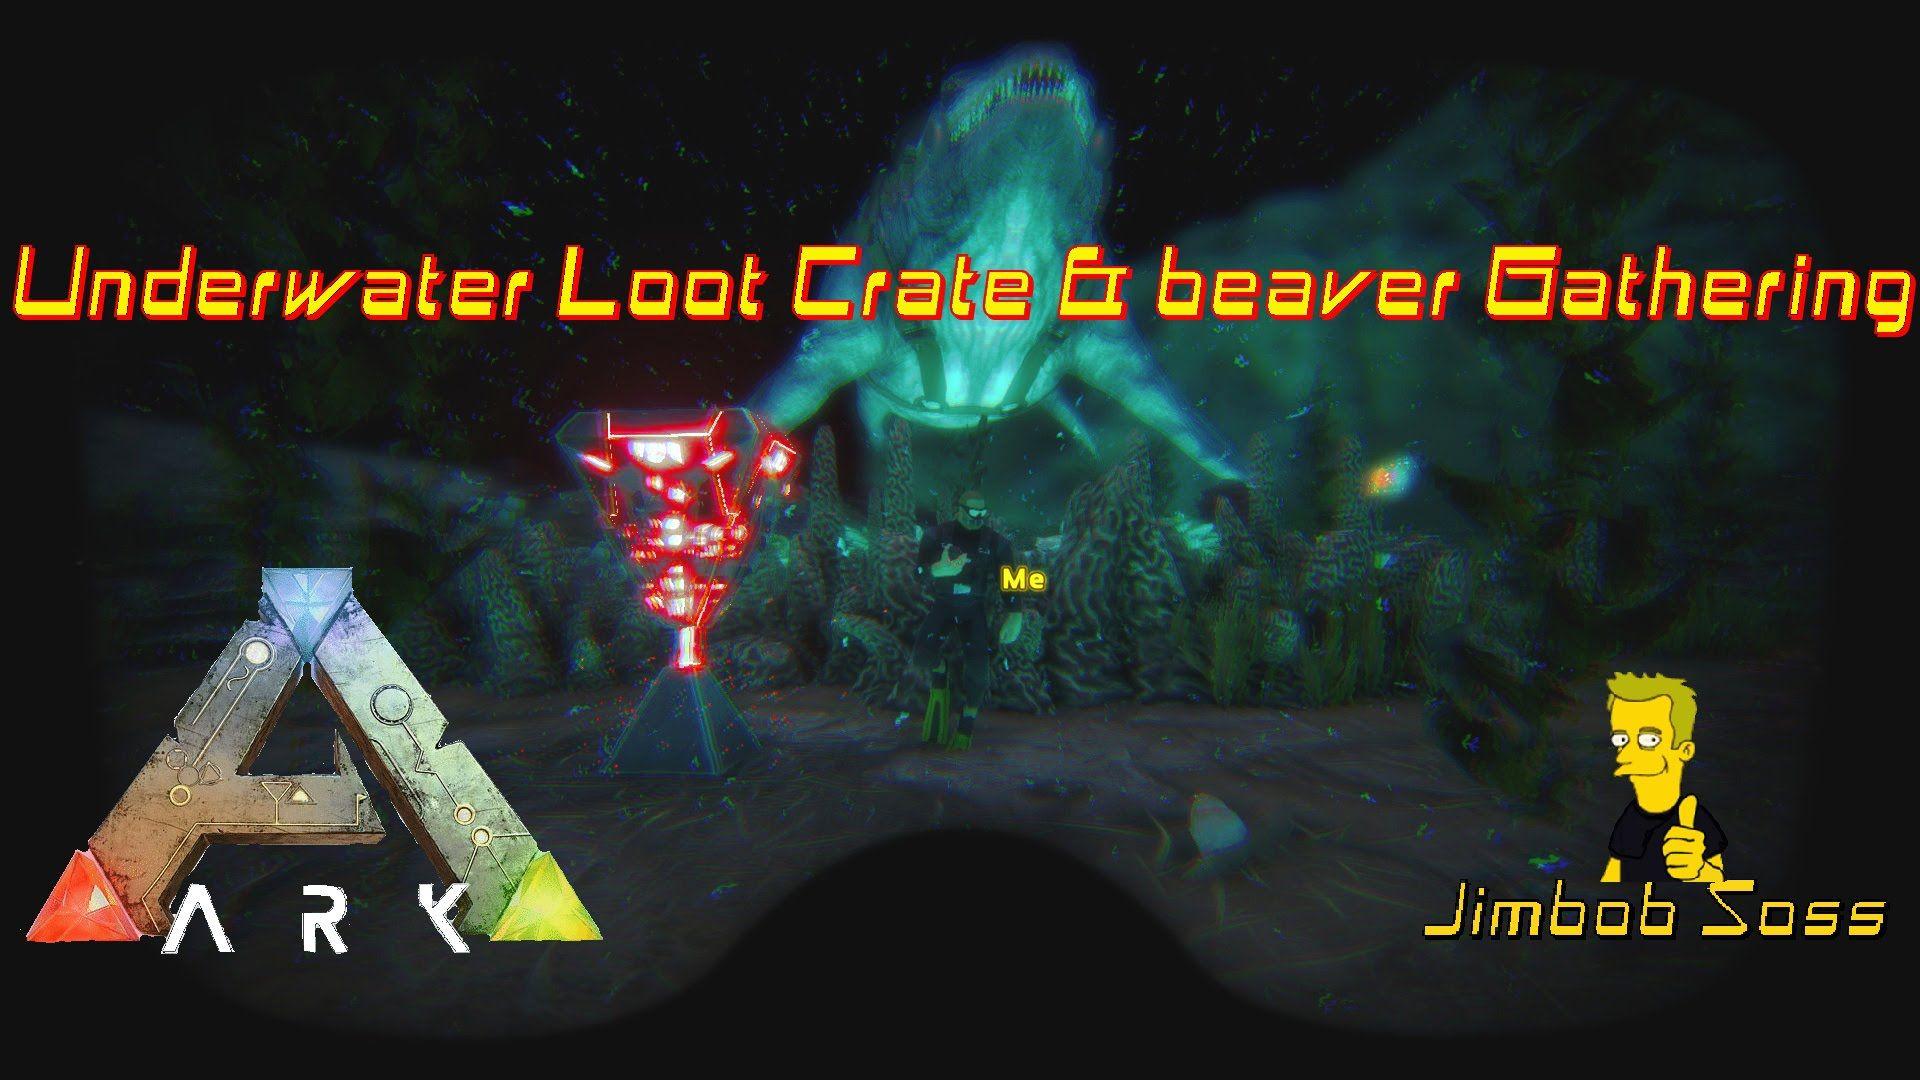 ARK Survival Evolved Underwater Loot Crate U0026 Beaver Gathering